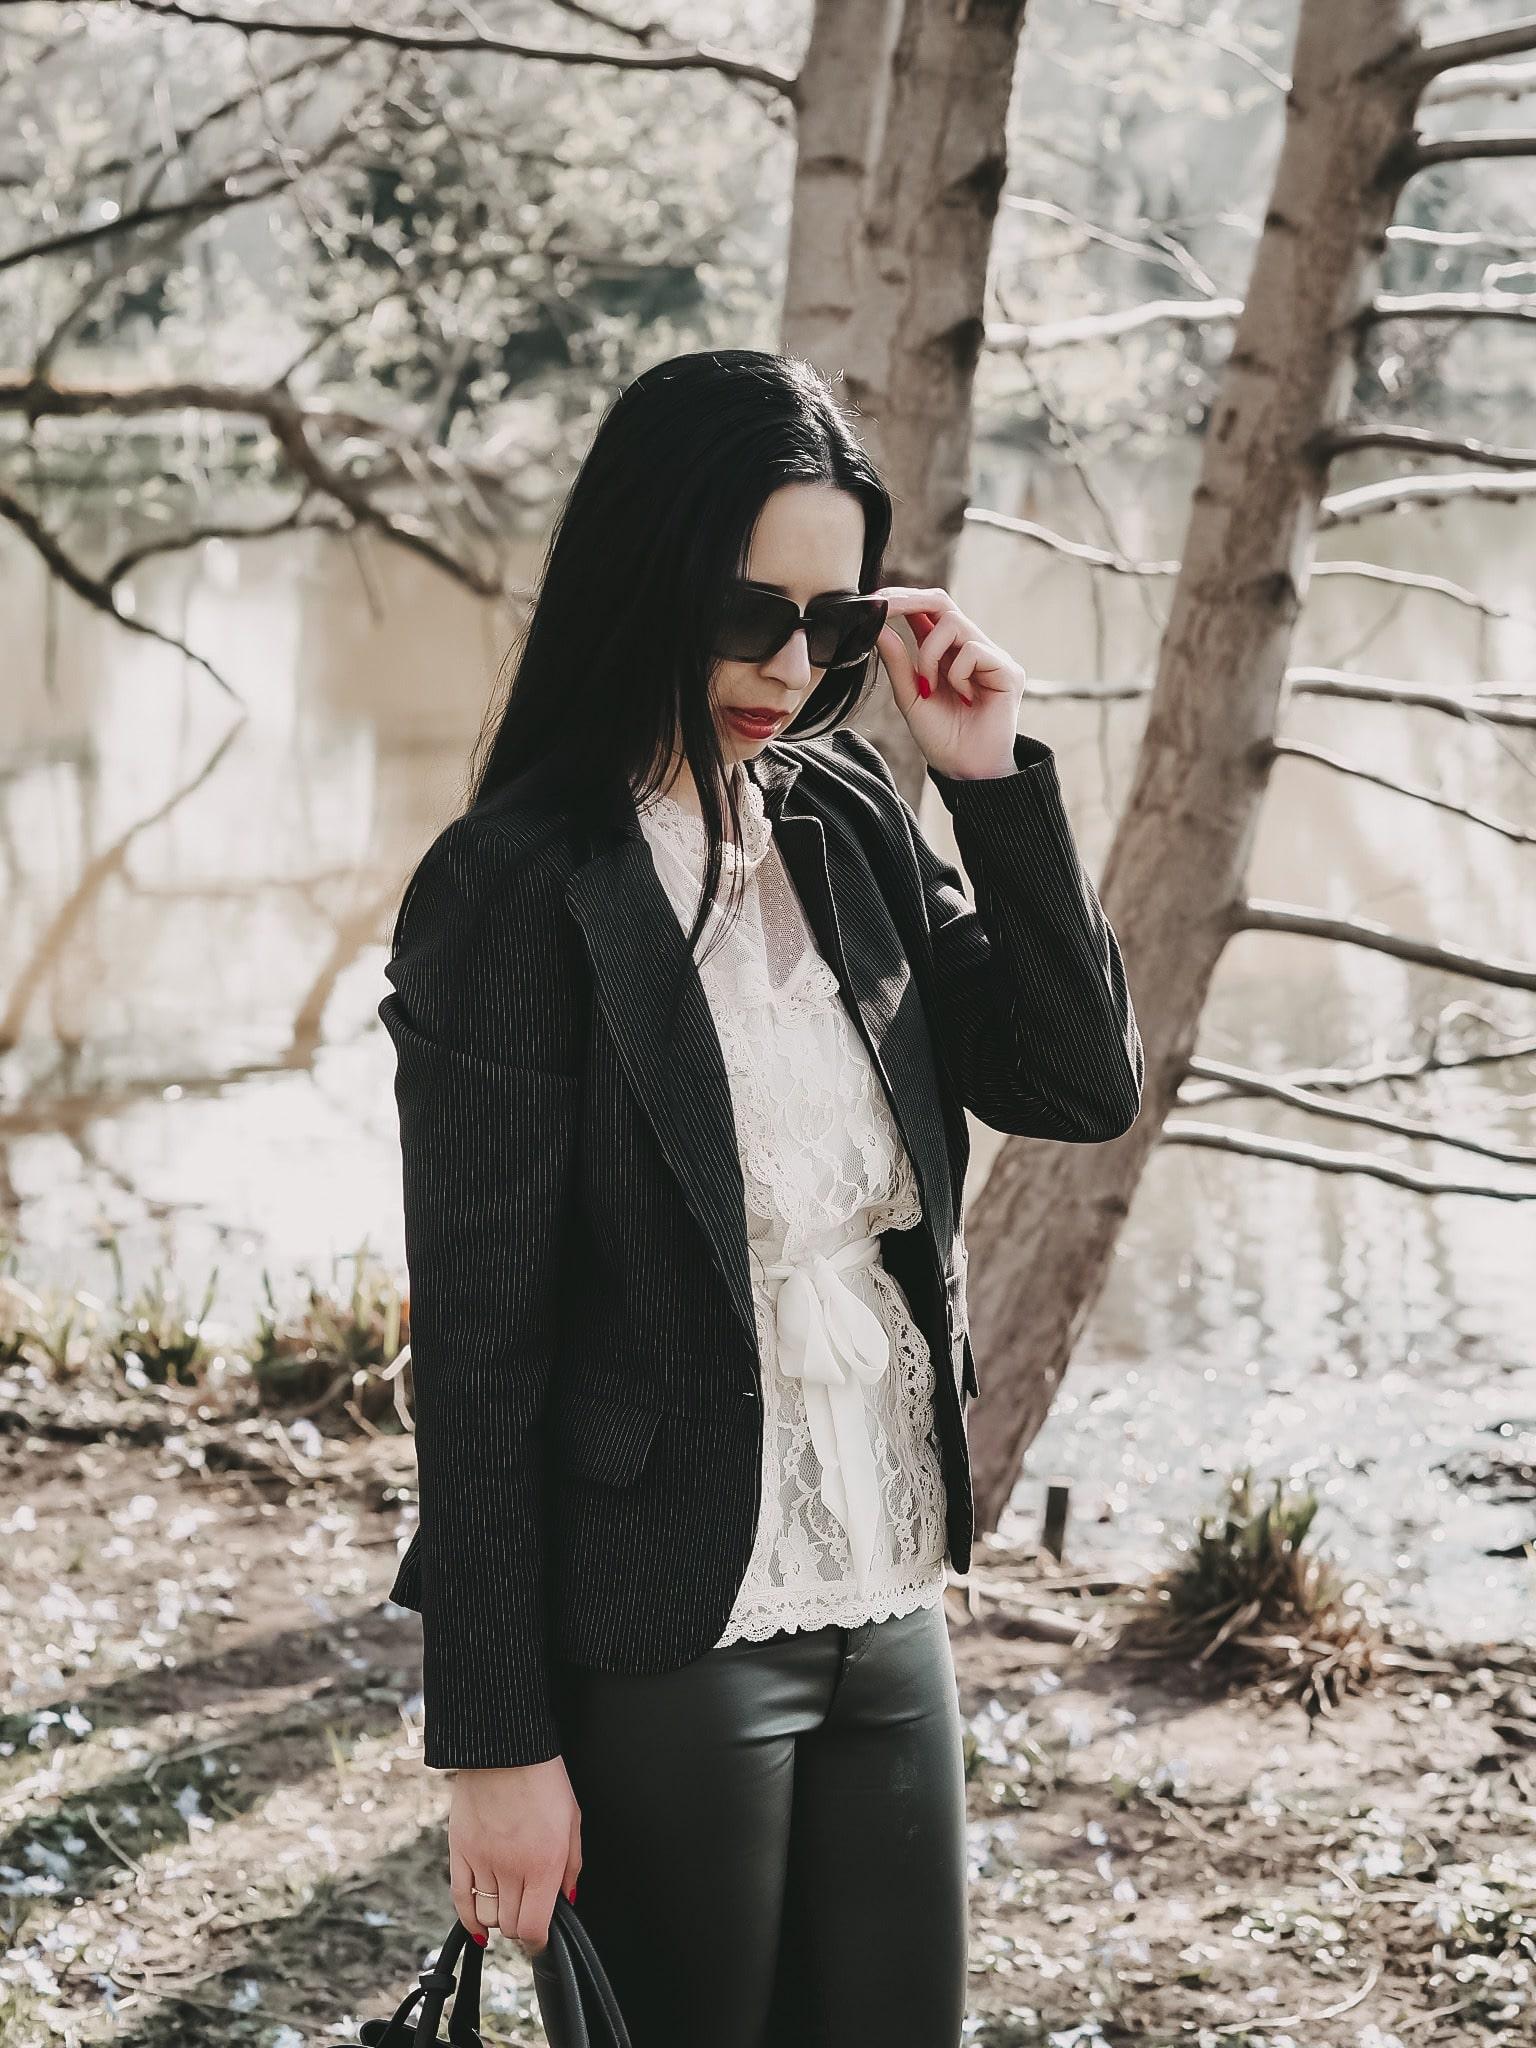 Heute zeige ich euch auf dem Blog einen romantischen Look bestehend aus Kleidung und Accessoires von Vivemaria, New Balance, L.Credi, Burberry und NA-KD.